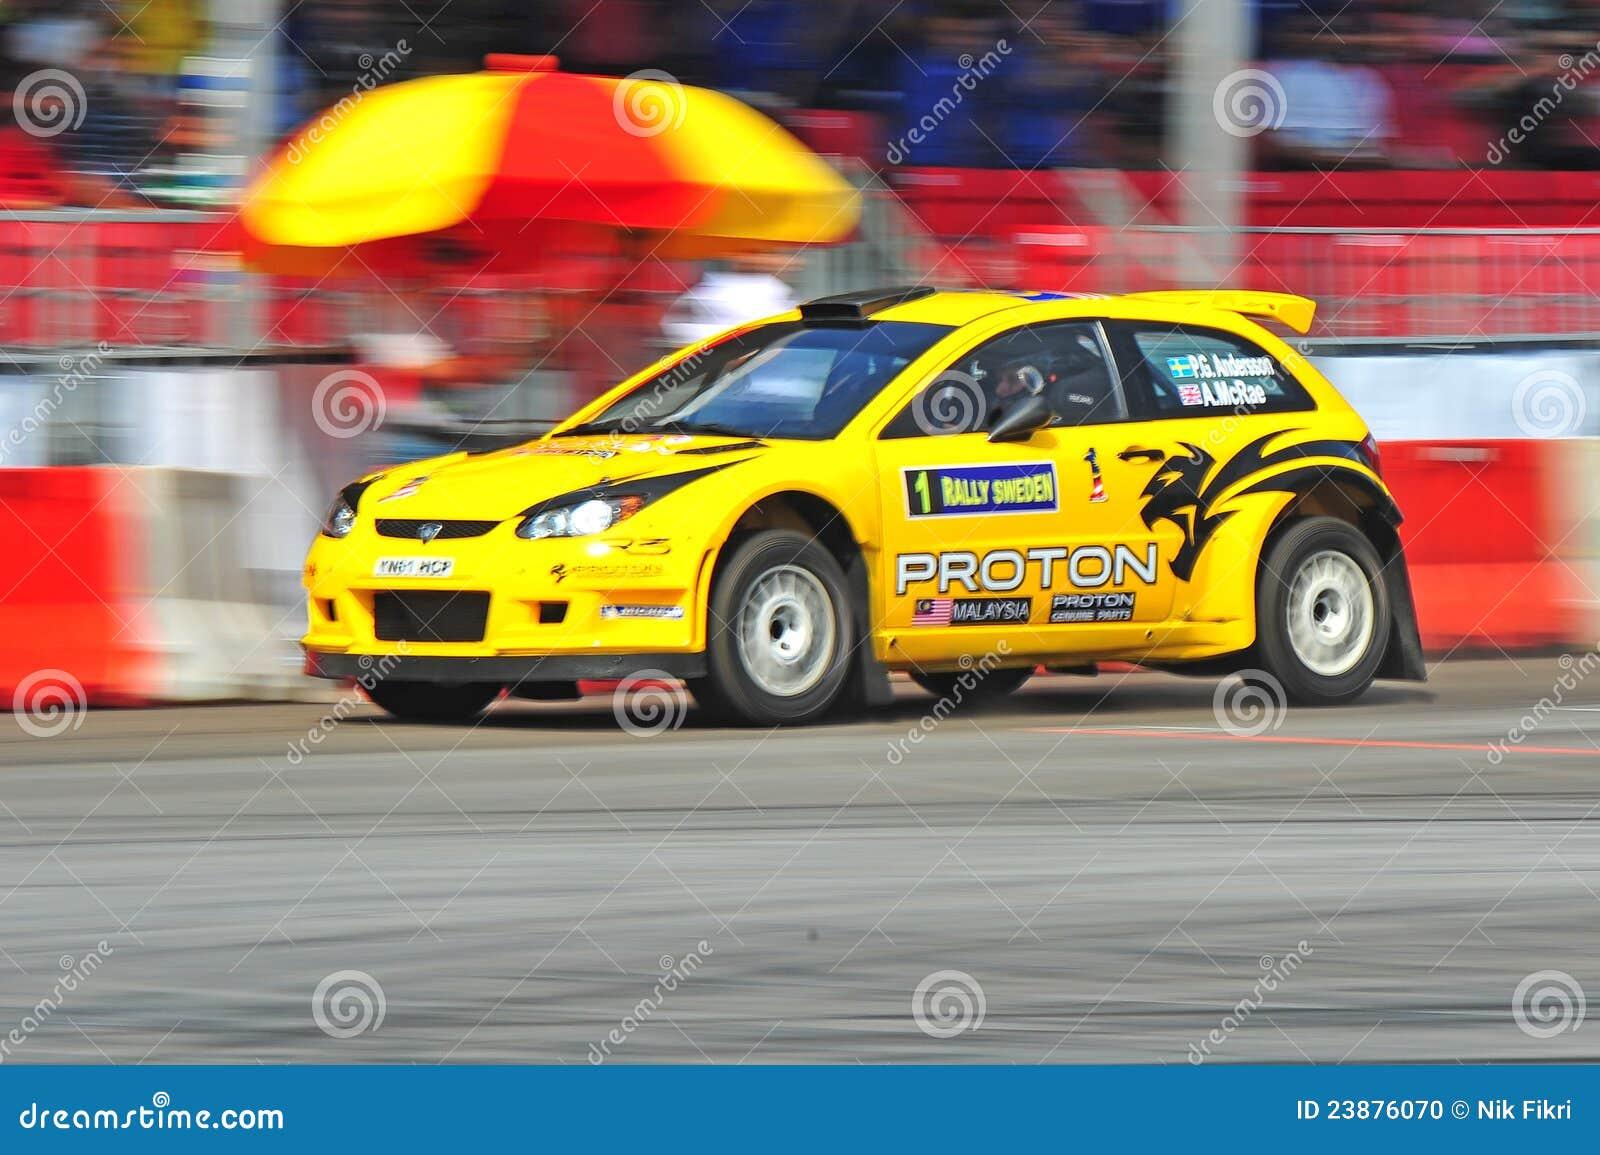 Rallye Car Proton R3